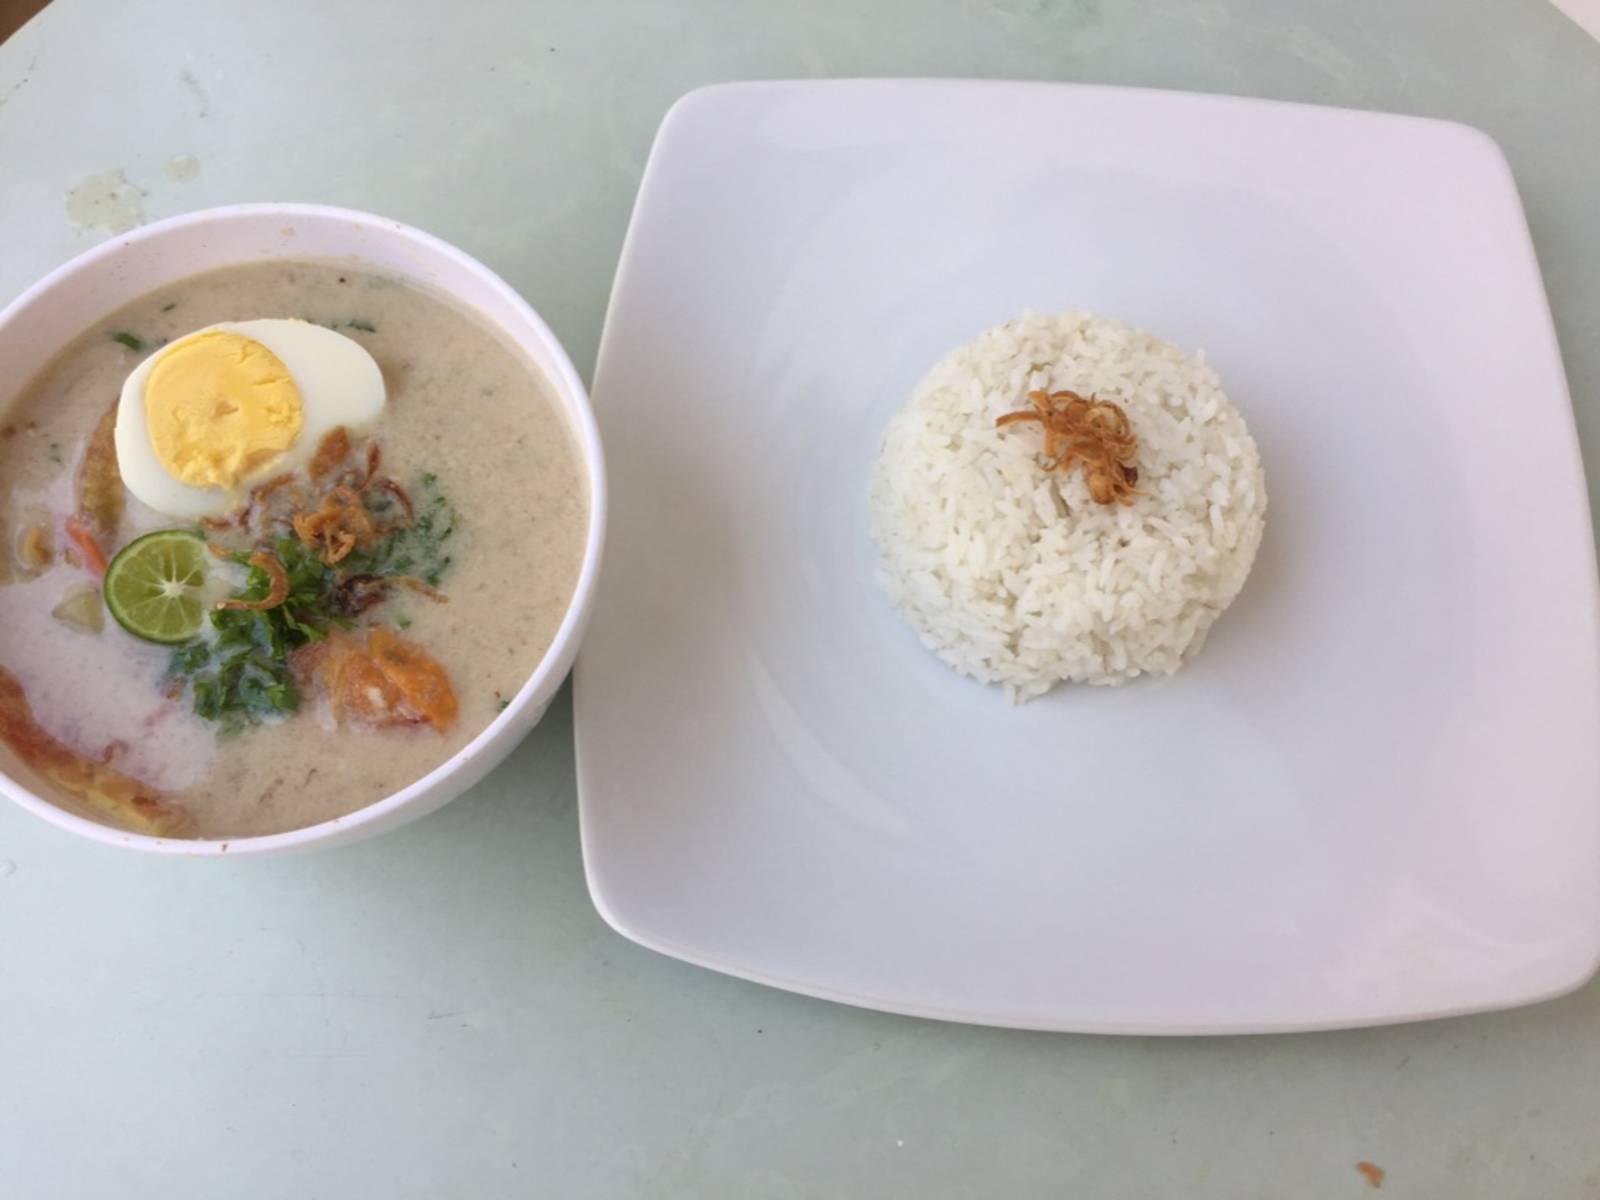 Die Suppe ist fertig! In eine Schüssel geben und mit Ei, Limette, Tomaten, Frühlingszwiebeln und Röstzwiebeln garnieren. Am besten dazu Reis servieren!